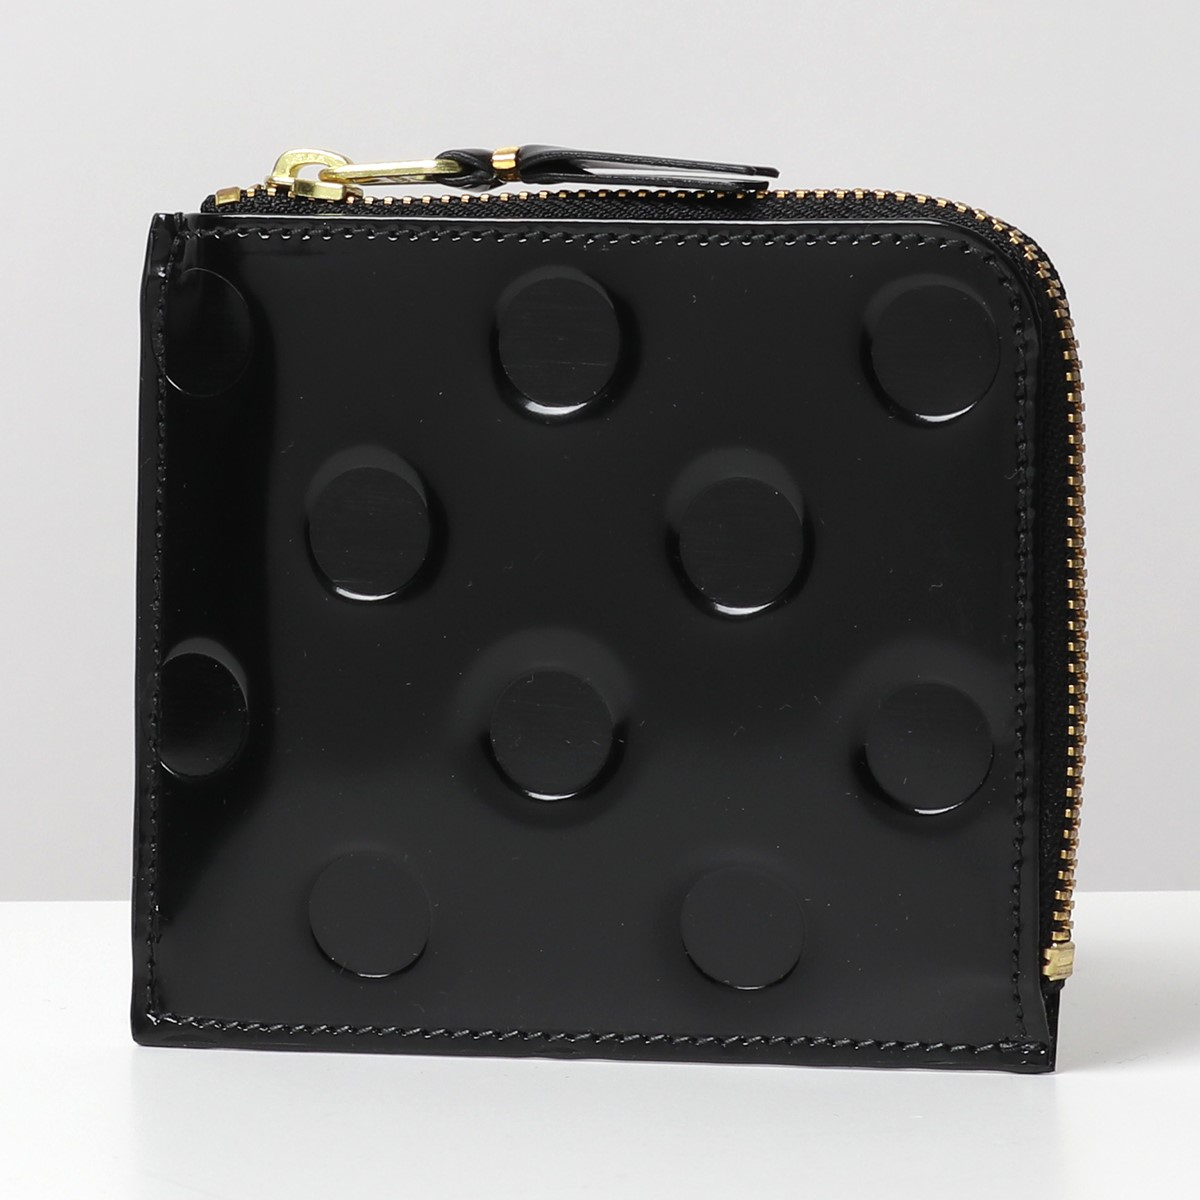 COMME des GARCONS コムデギャルソン SA3100NE POLKA DOTS EMBOSSED L字ファスナー ミニ財布 豆財布 カードケース 小銭入れ コインケース ドット 水玉 カラーBLACK/ブラック